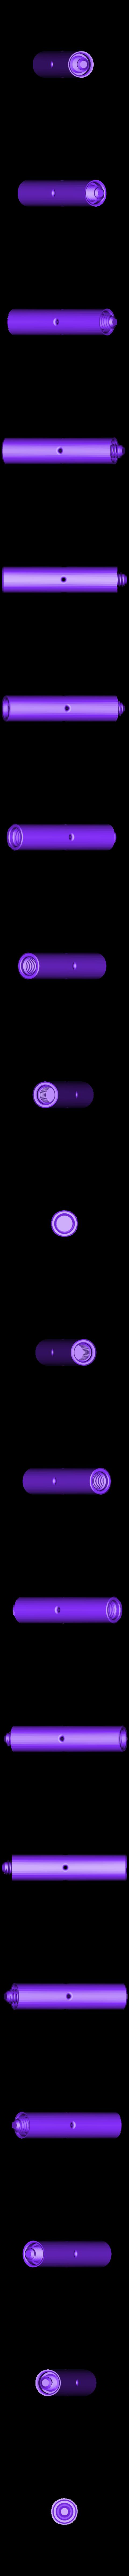 Rod_TaulmanSpool.STL Télécharger fichier STL gratuit Porte-bobine Taulman • Plan pour impression 3D, Balkhagal4D